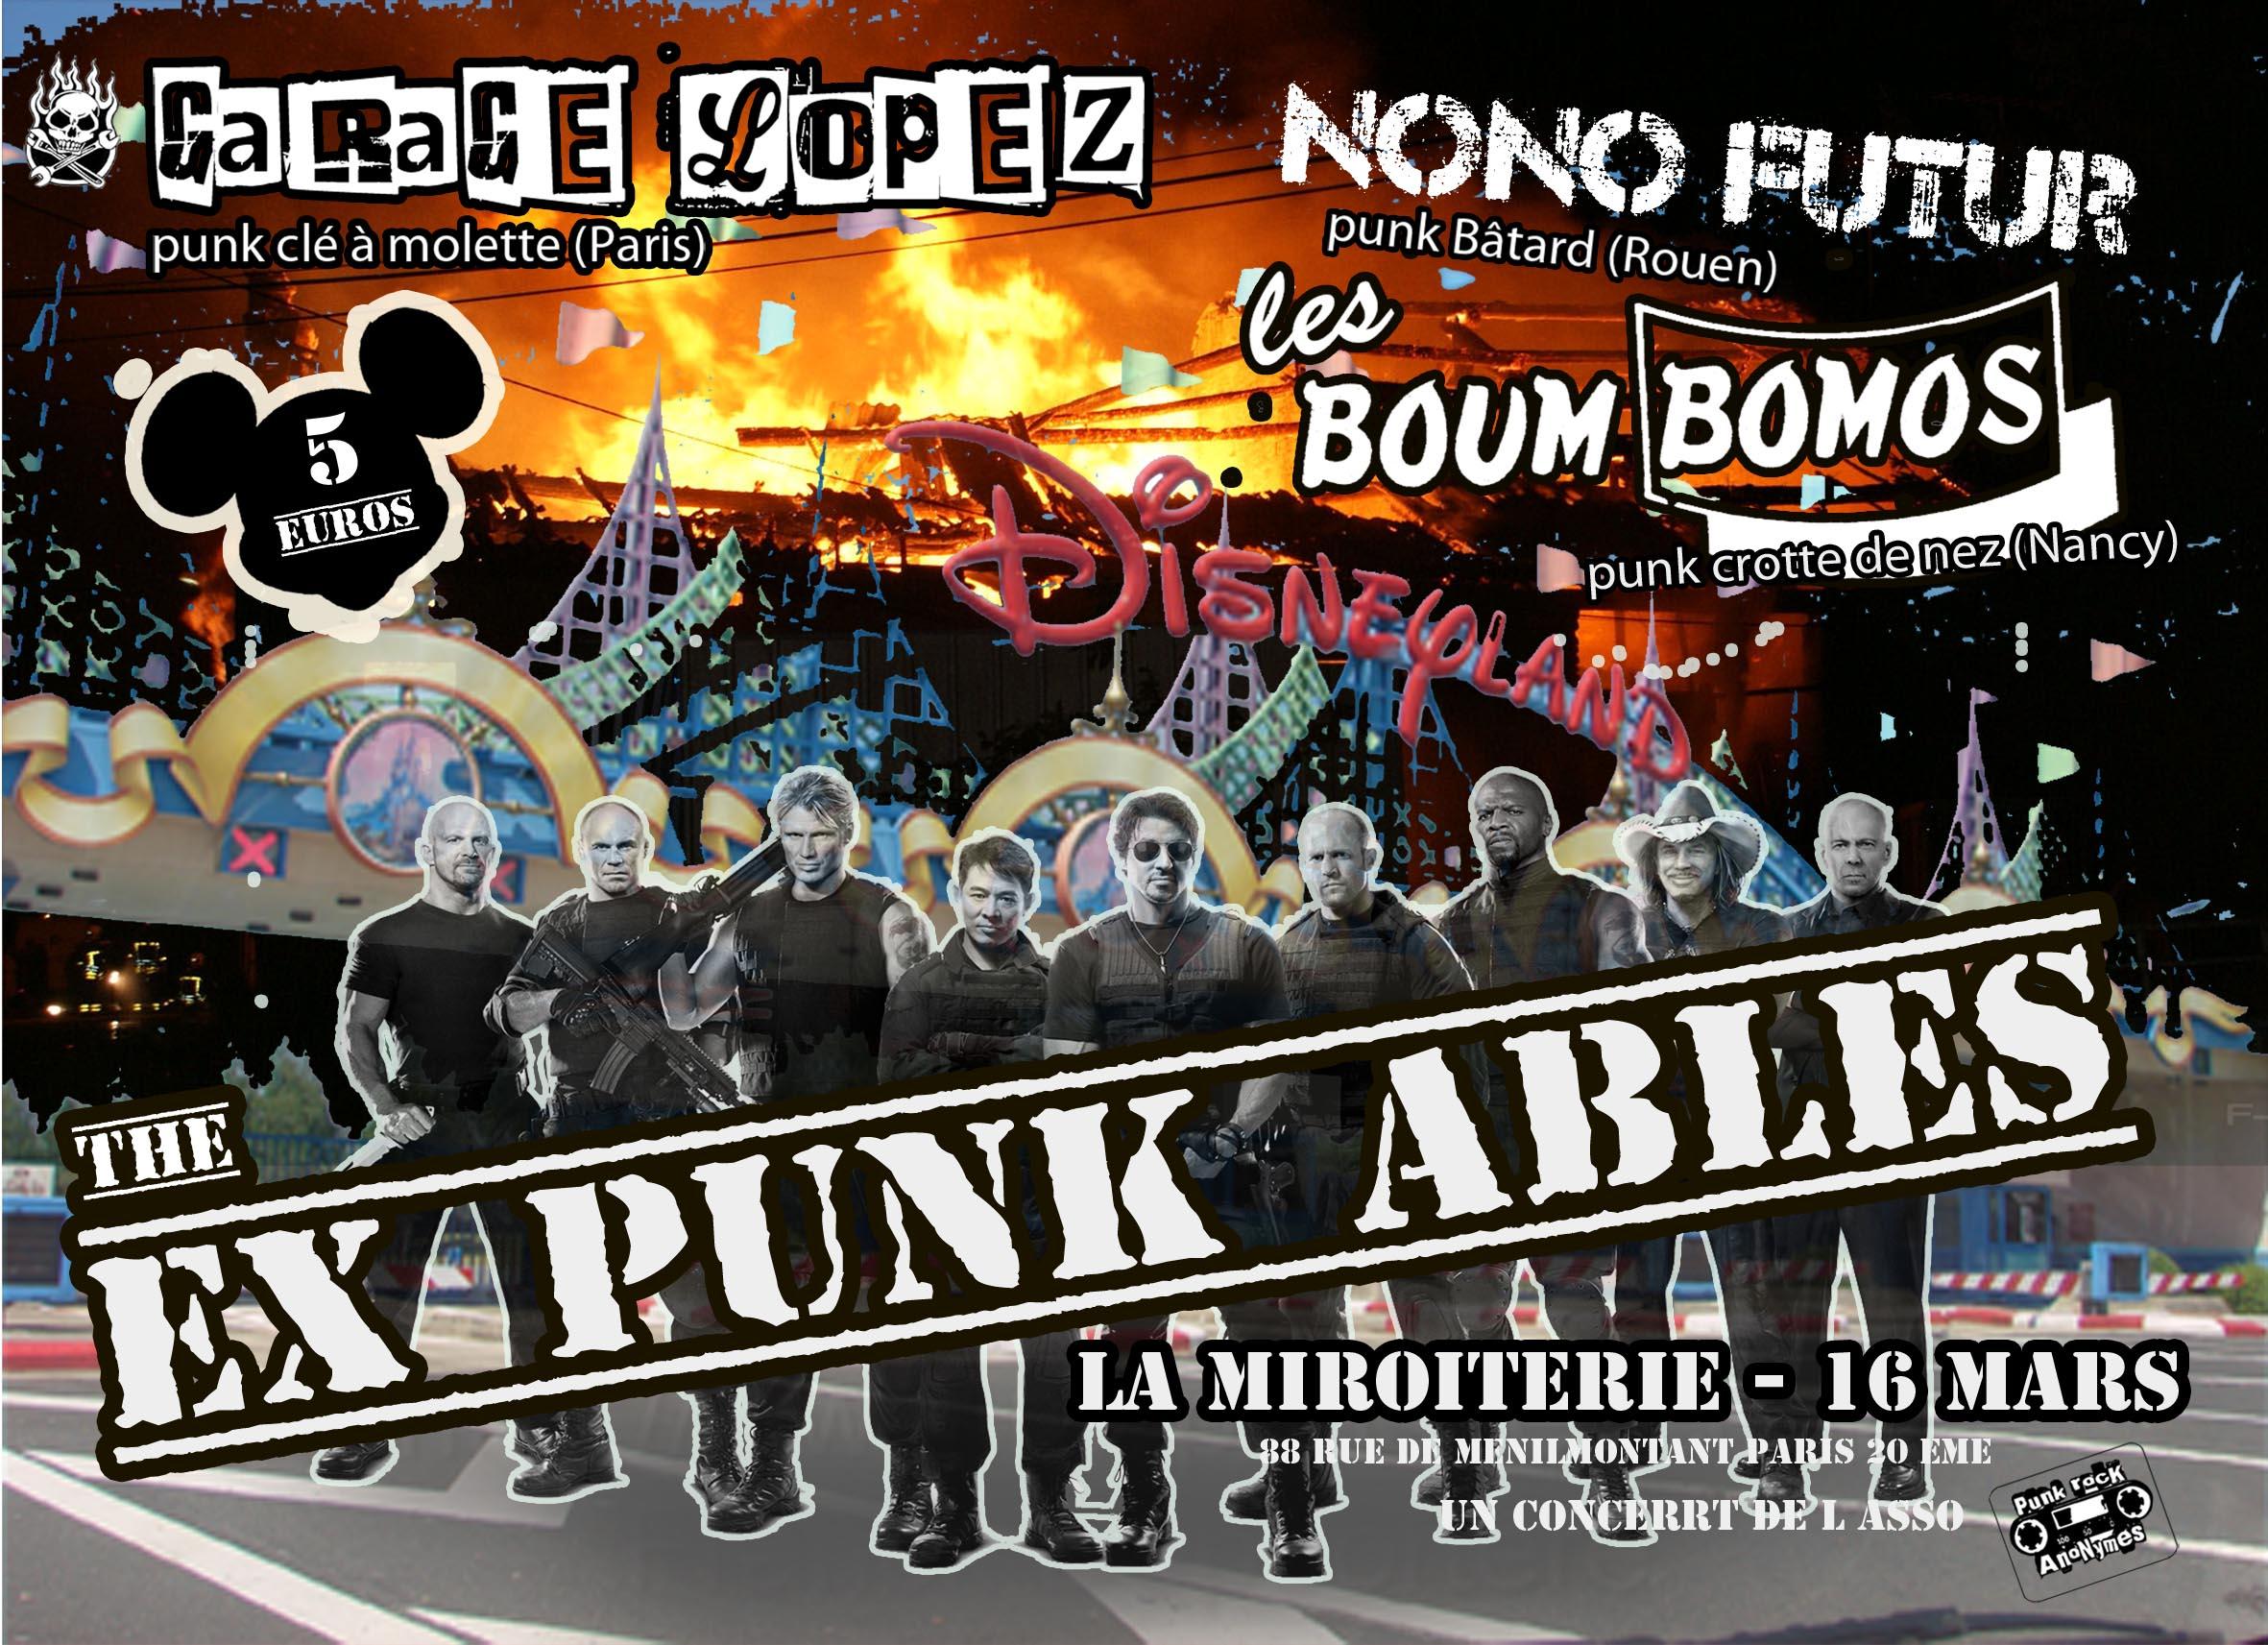 """16 mars 2012 Garage Lopez, Nono Futur, les Boum Bomos à Paris """"La Miroiterie"""""""